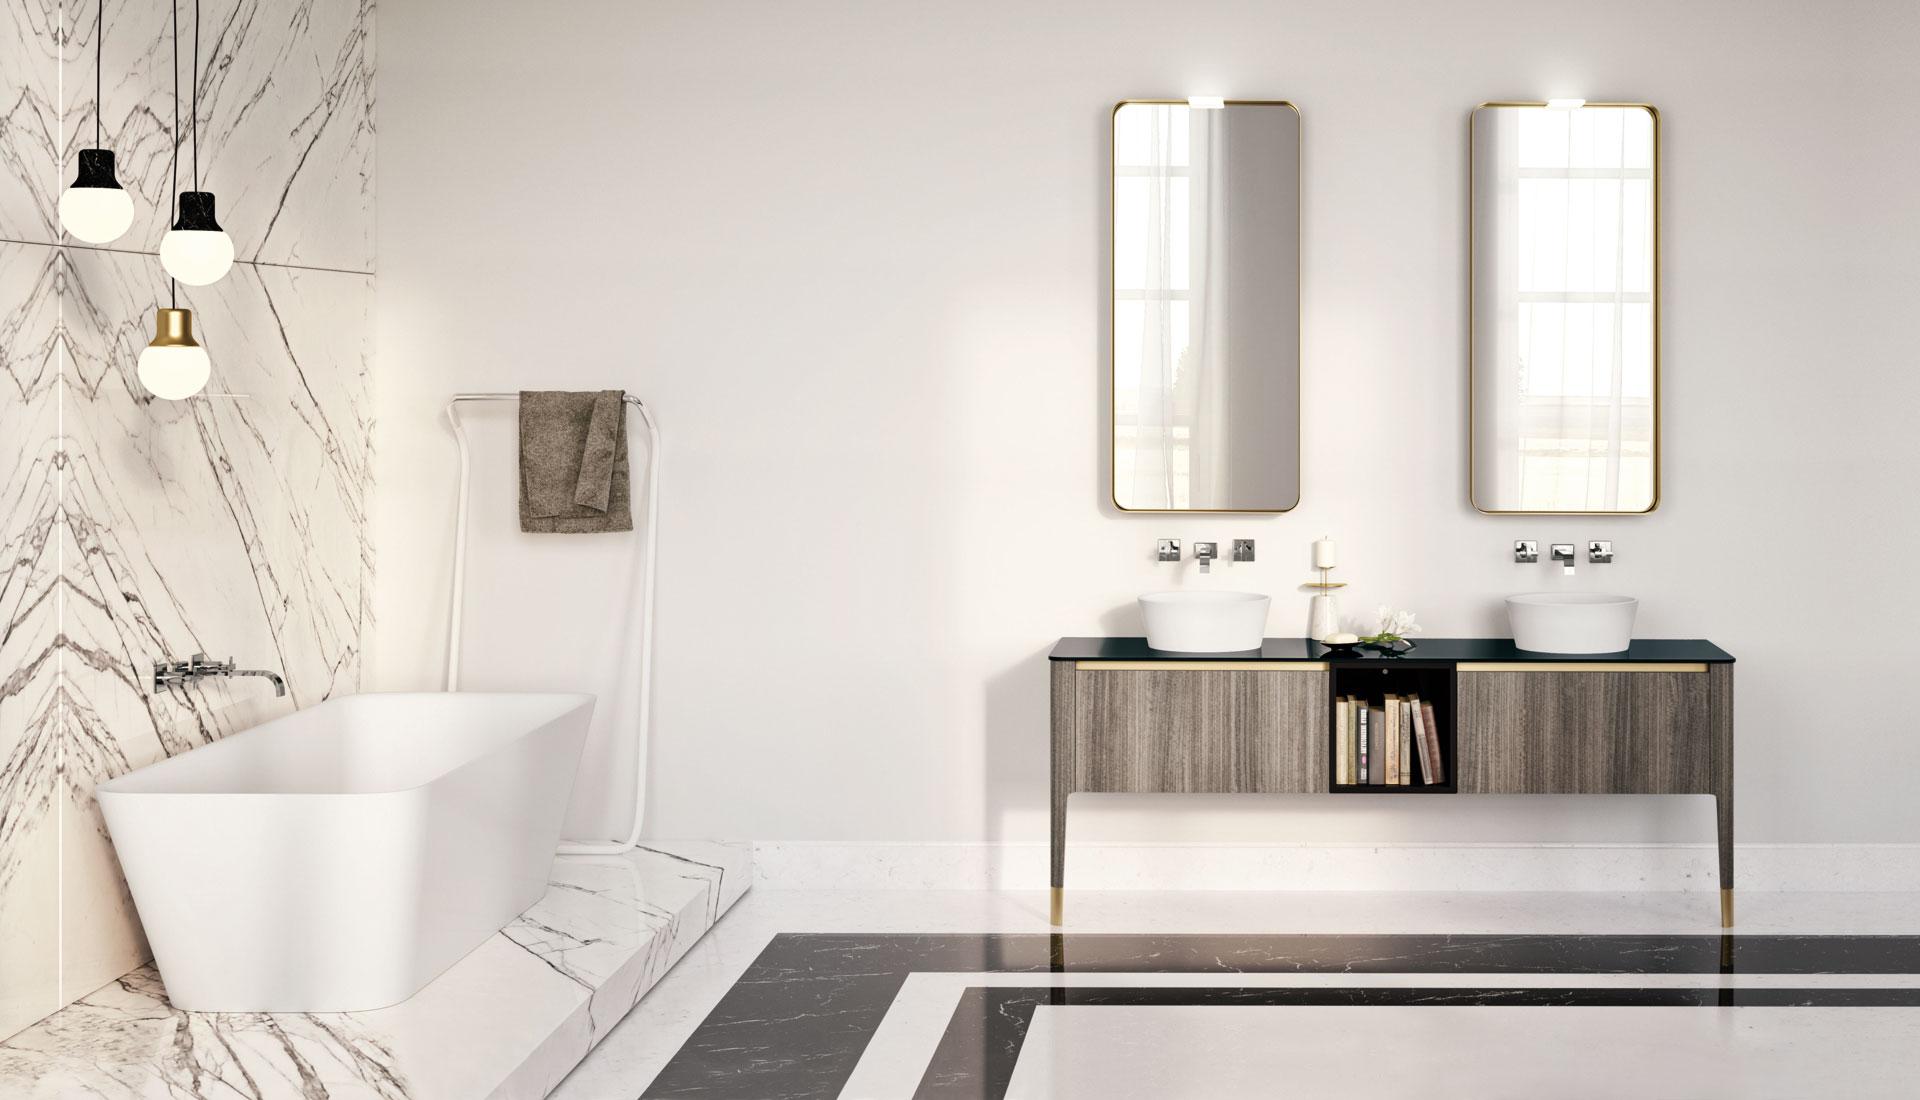 The ART of bathroom - Puntotre Arredobagno